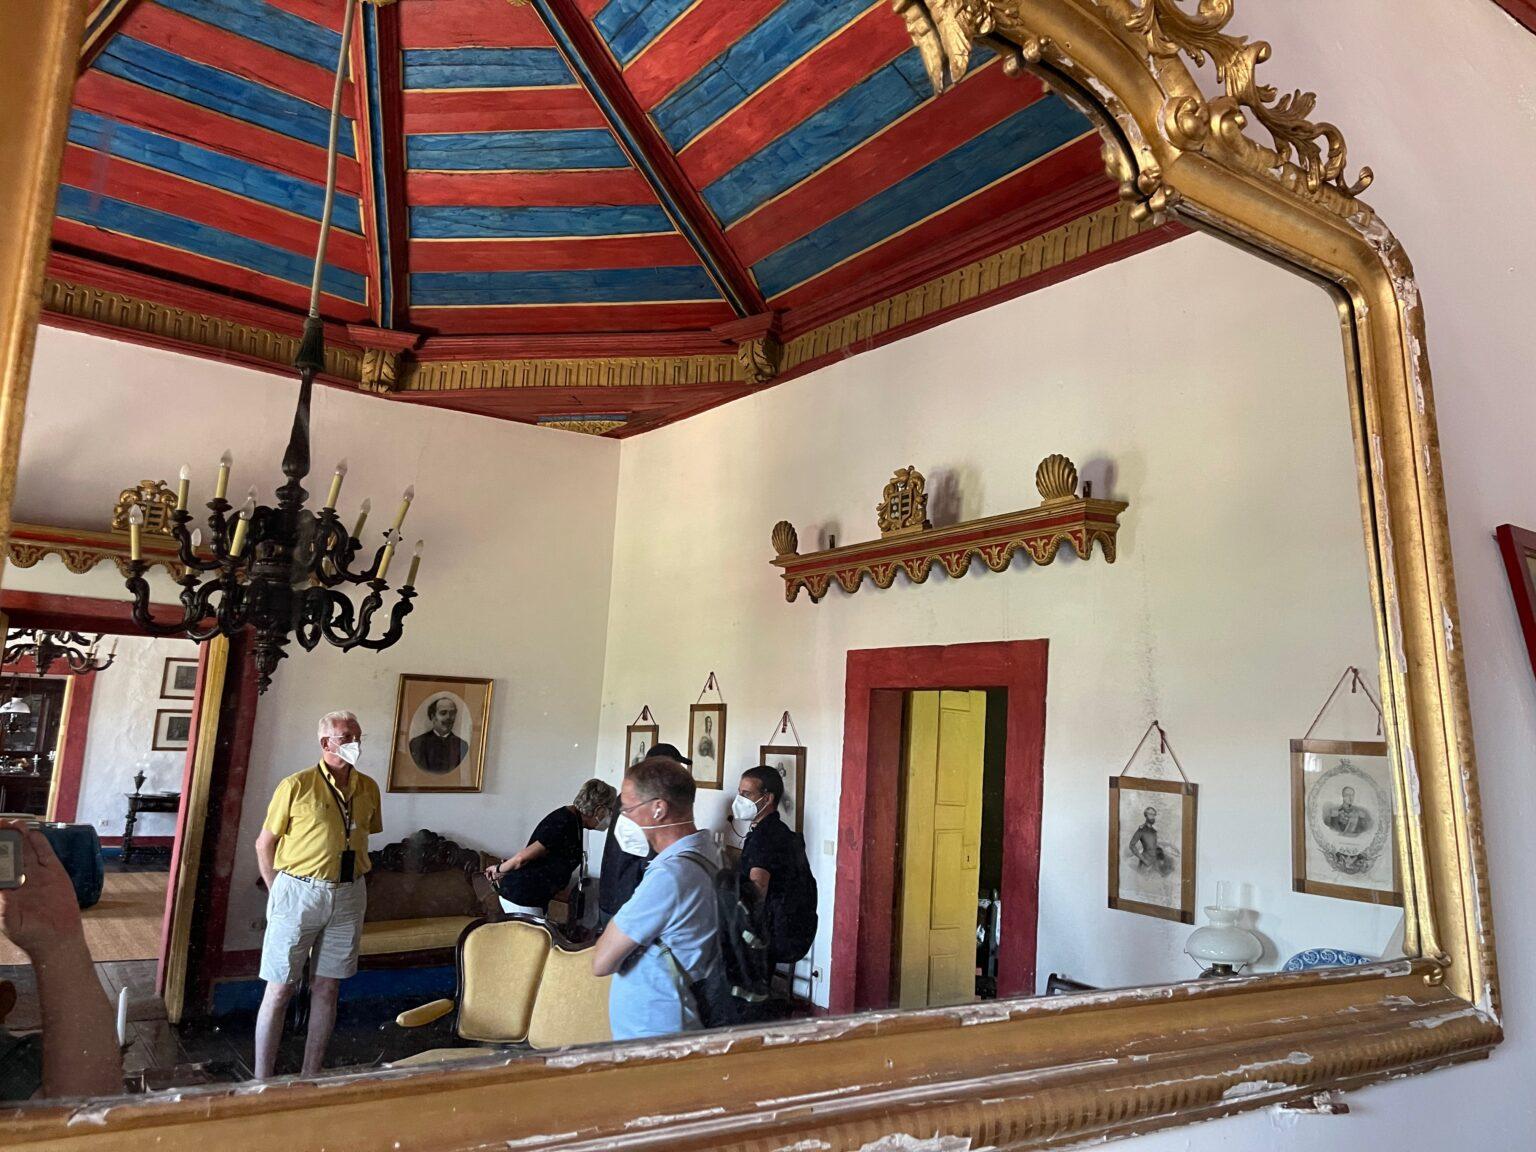 Visiting the 17th century Morgadio da Calcada in Provesende, Portugal.